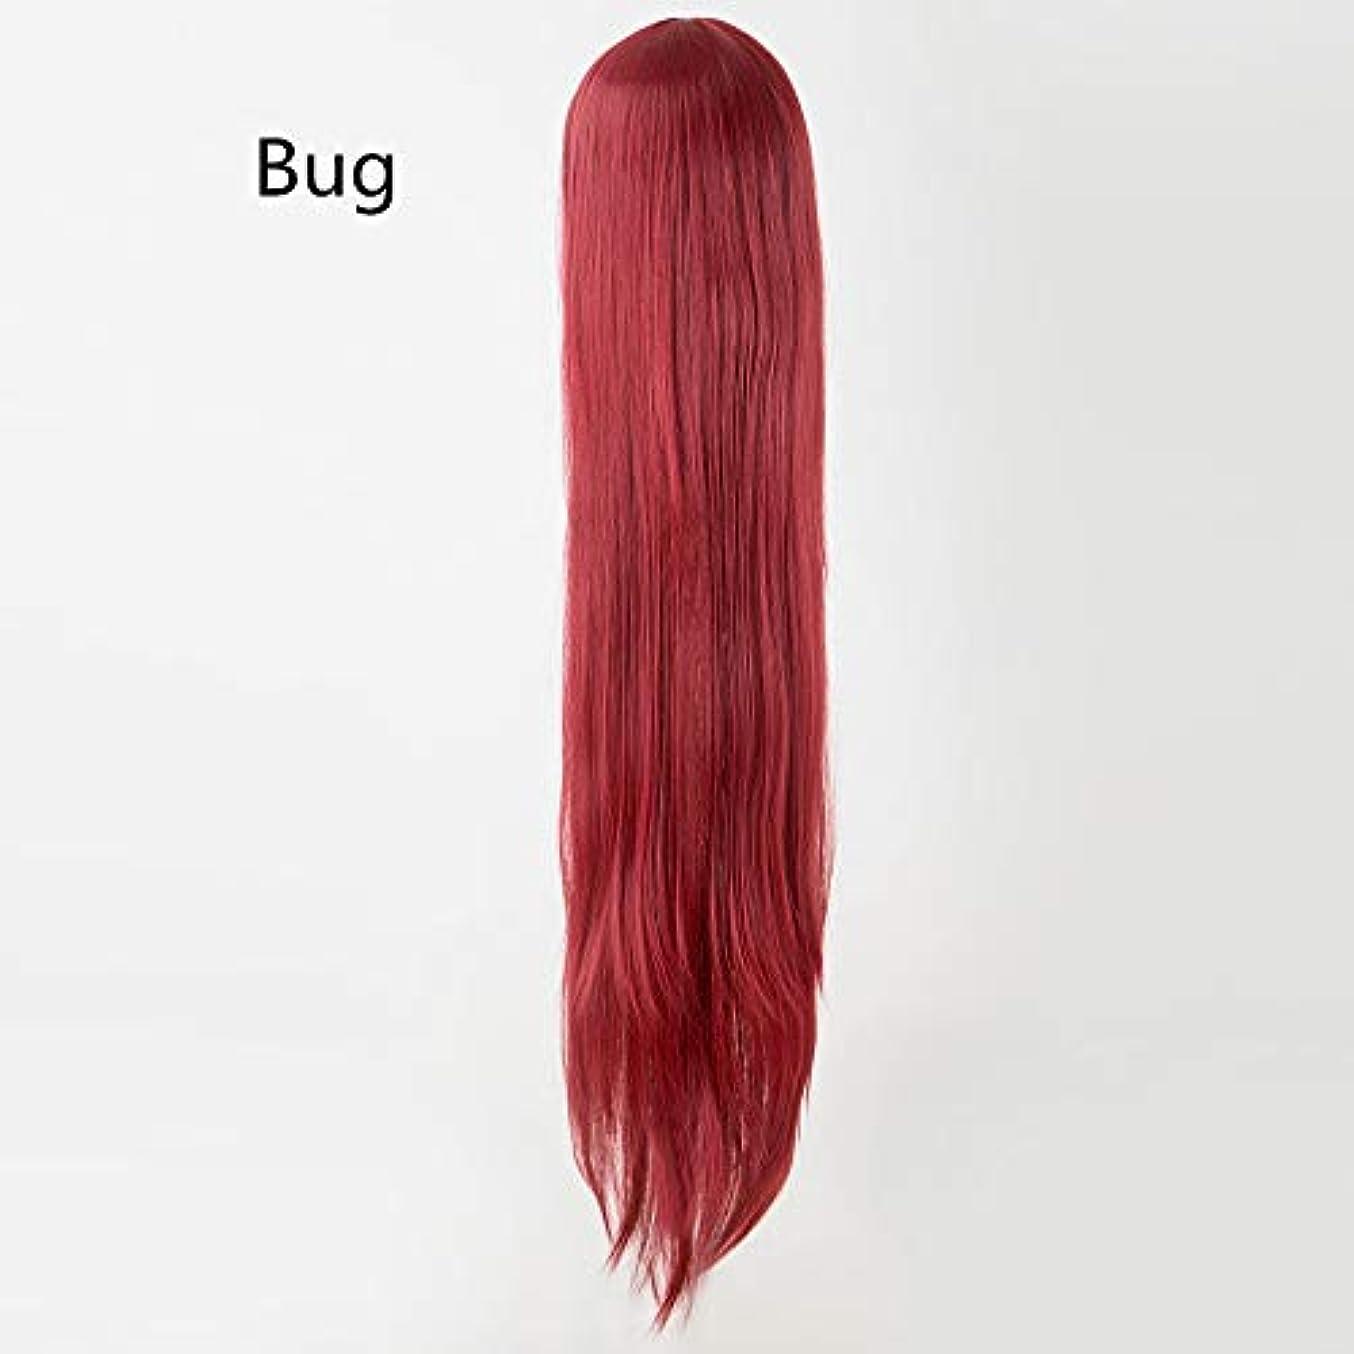 動力学想像力主BeTTi 黒かつら100センチ/ 40インチ合成耐熱繊維ロングハロウィーンカーニバル衣装コスプレストレート女性の髪 (Color : Bug, Stretched Length : 38inches)